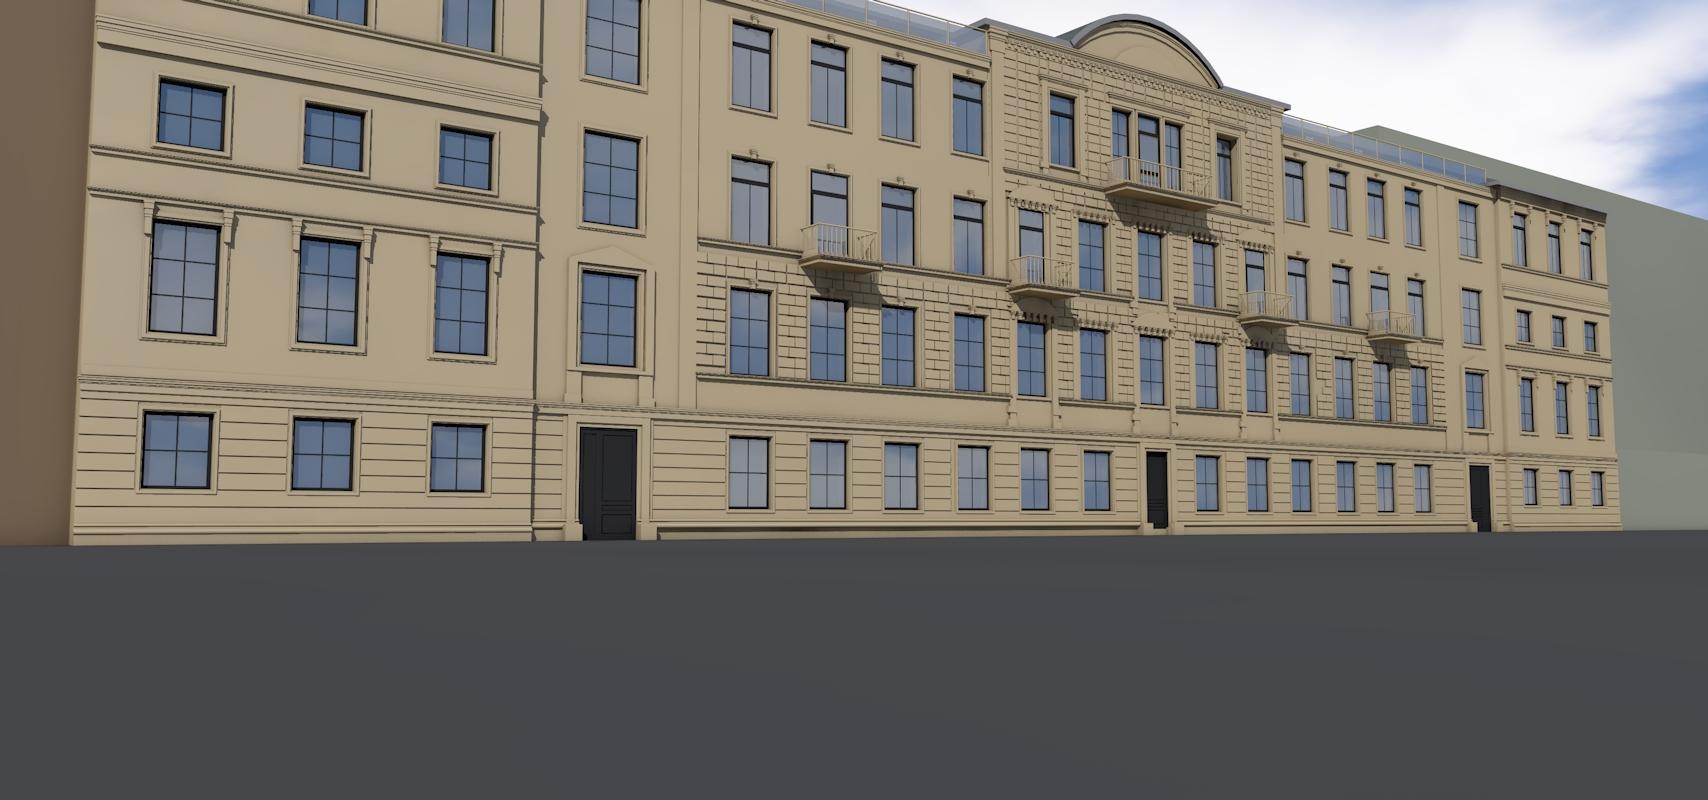 Концепция достройки фасада исторического здания фото f_0935c09243b38aff.jpg